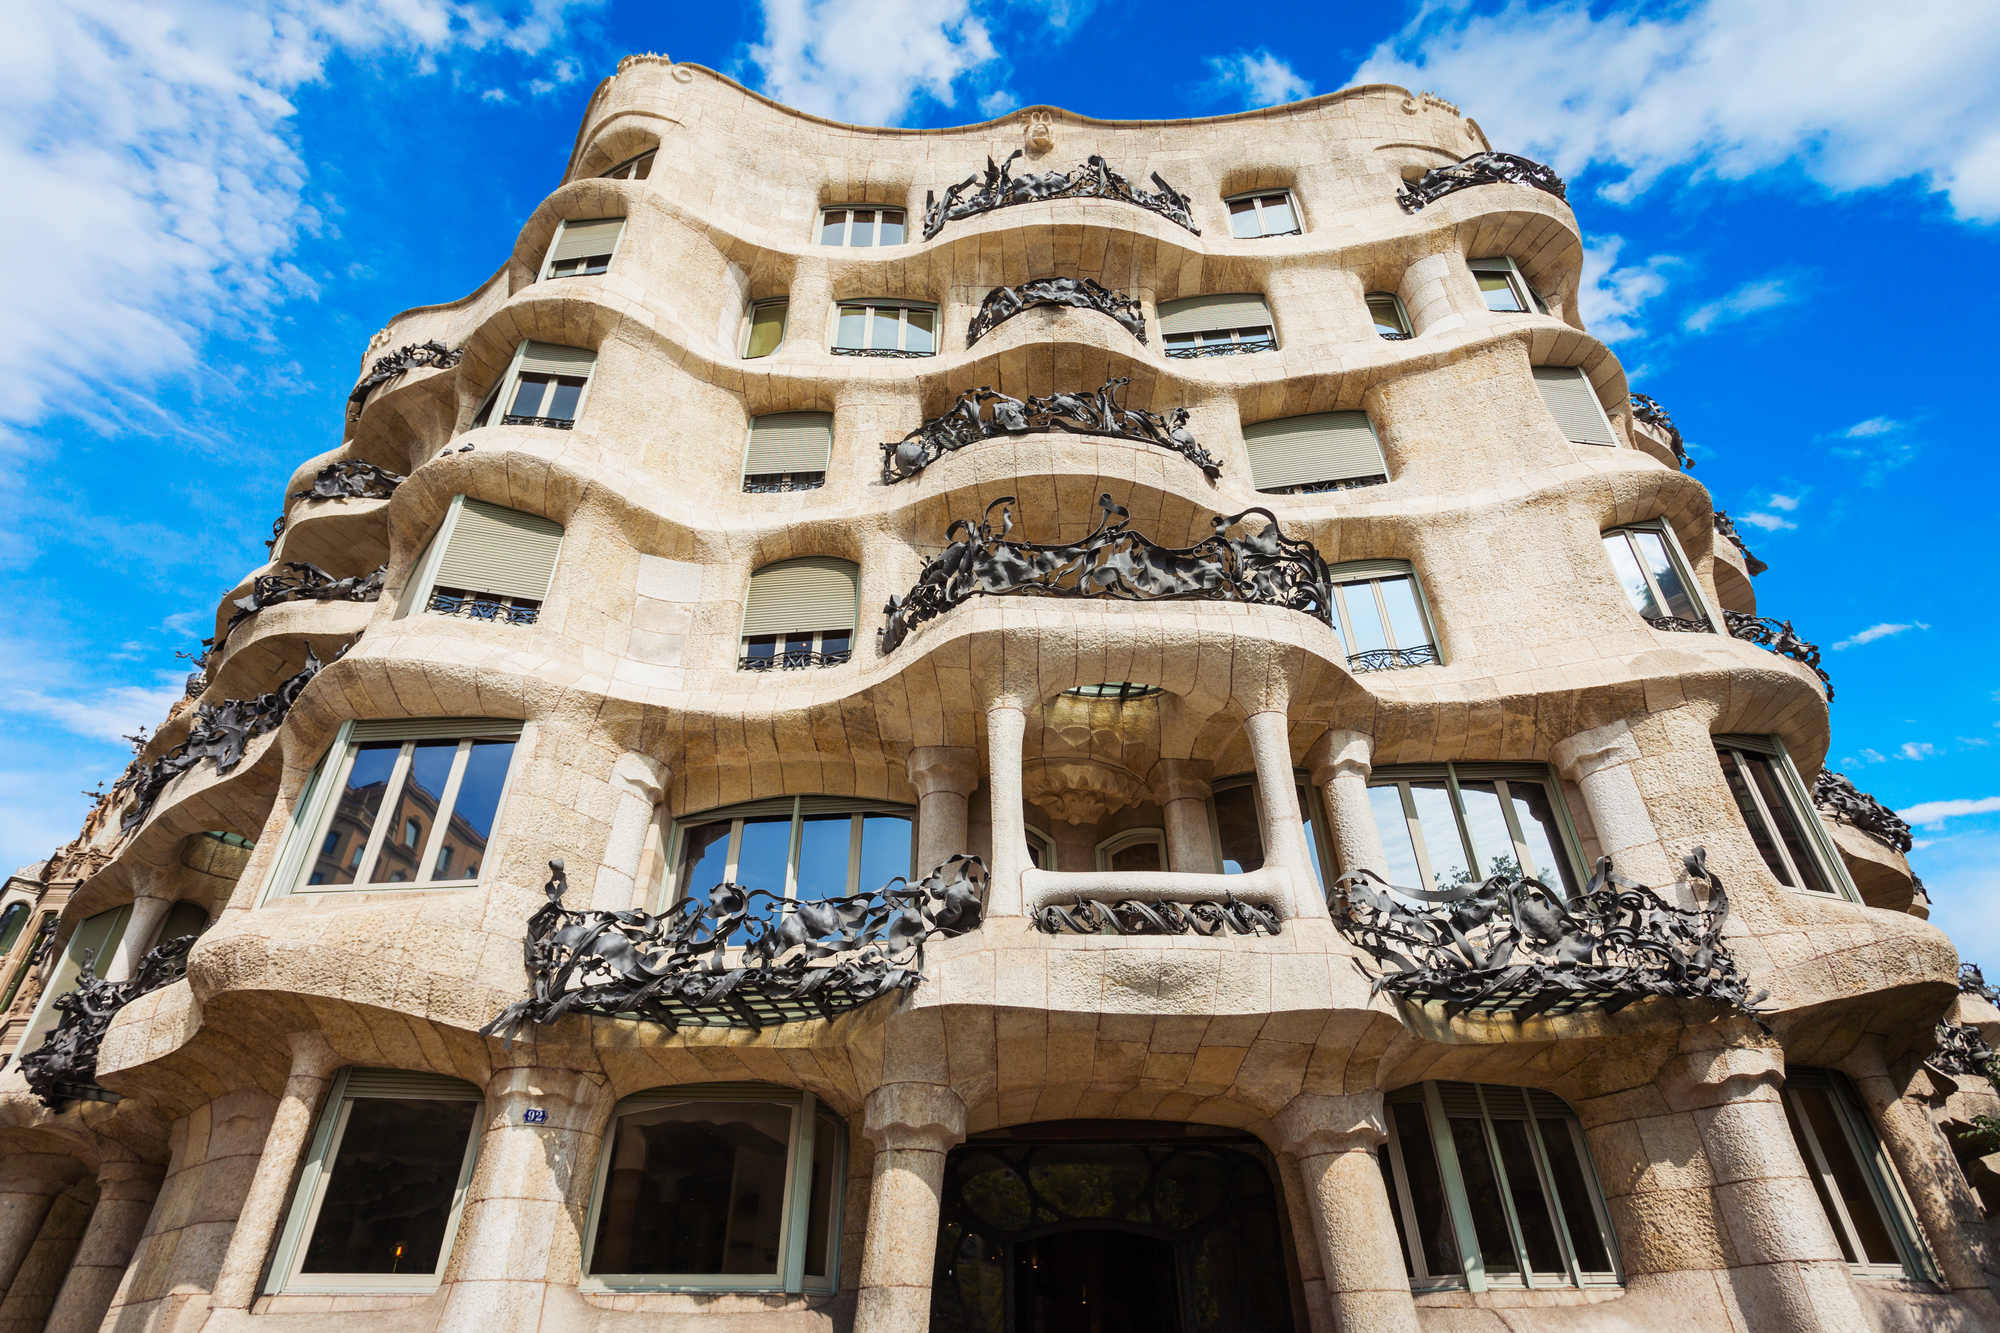 Fachada del edificio modernista La Pedrera o Casa Mila